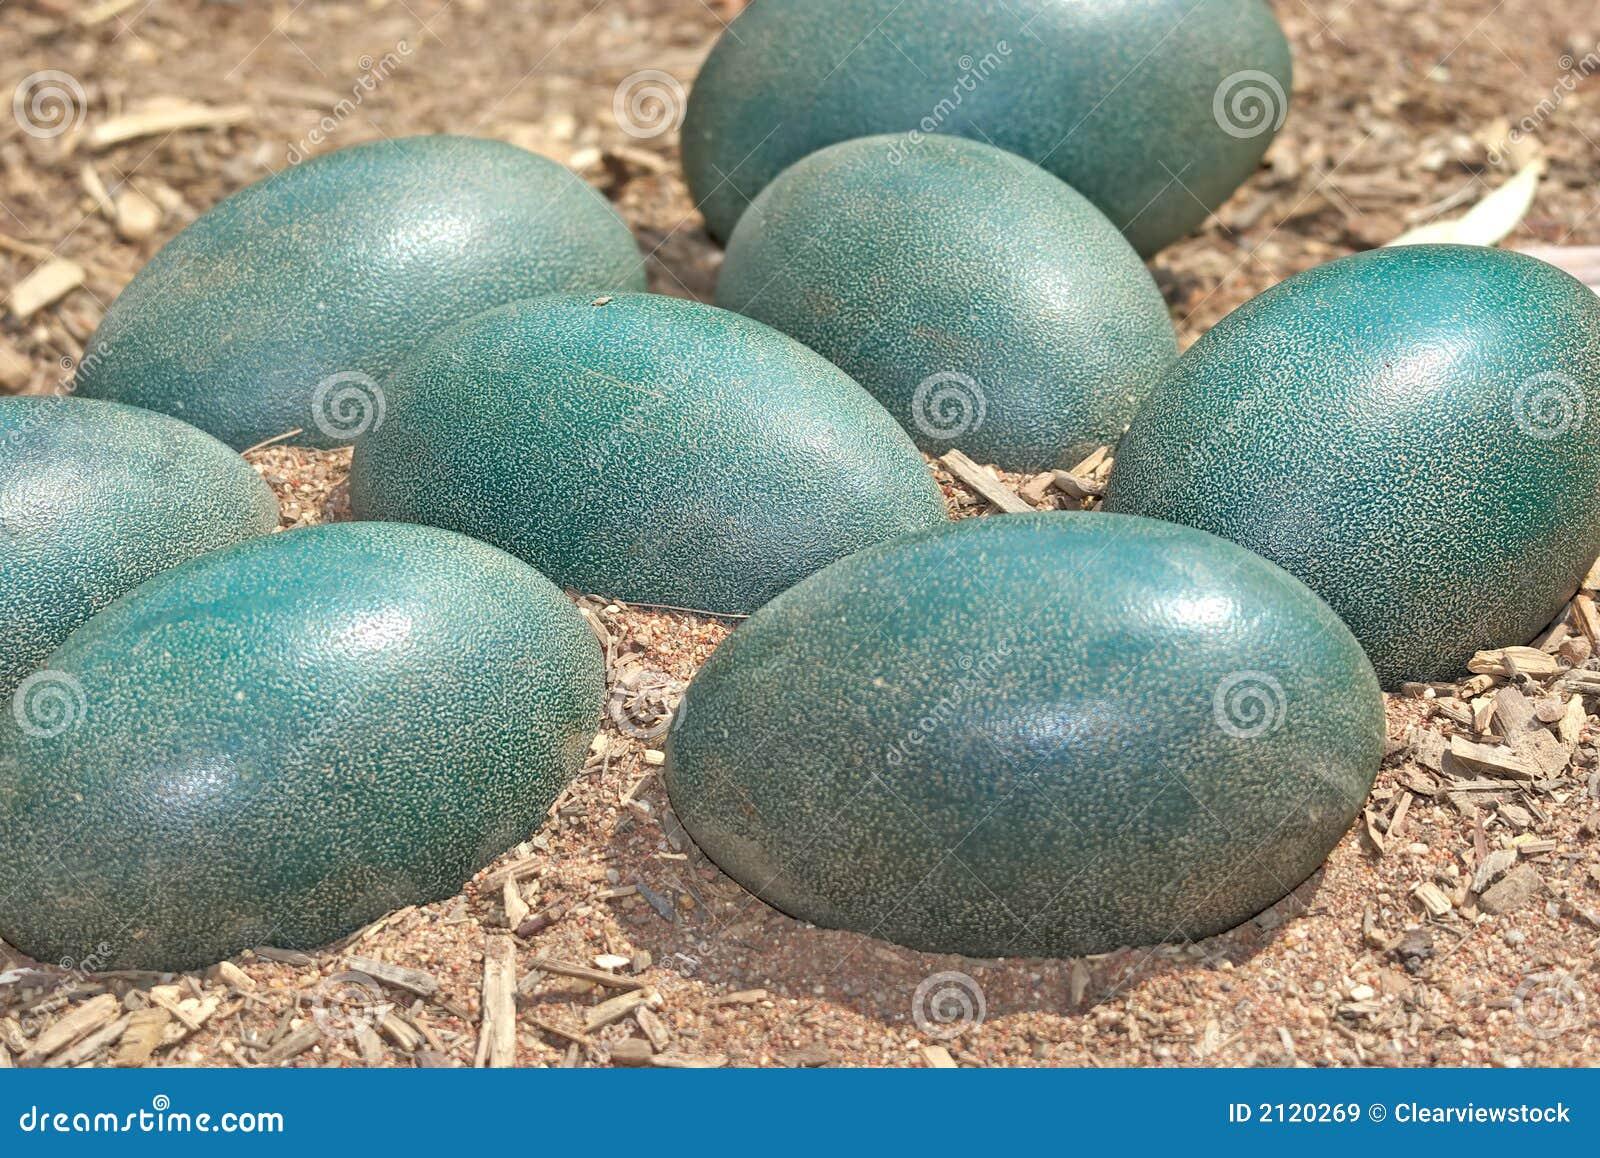 Eggs expiration date in Australia